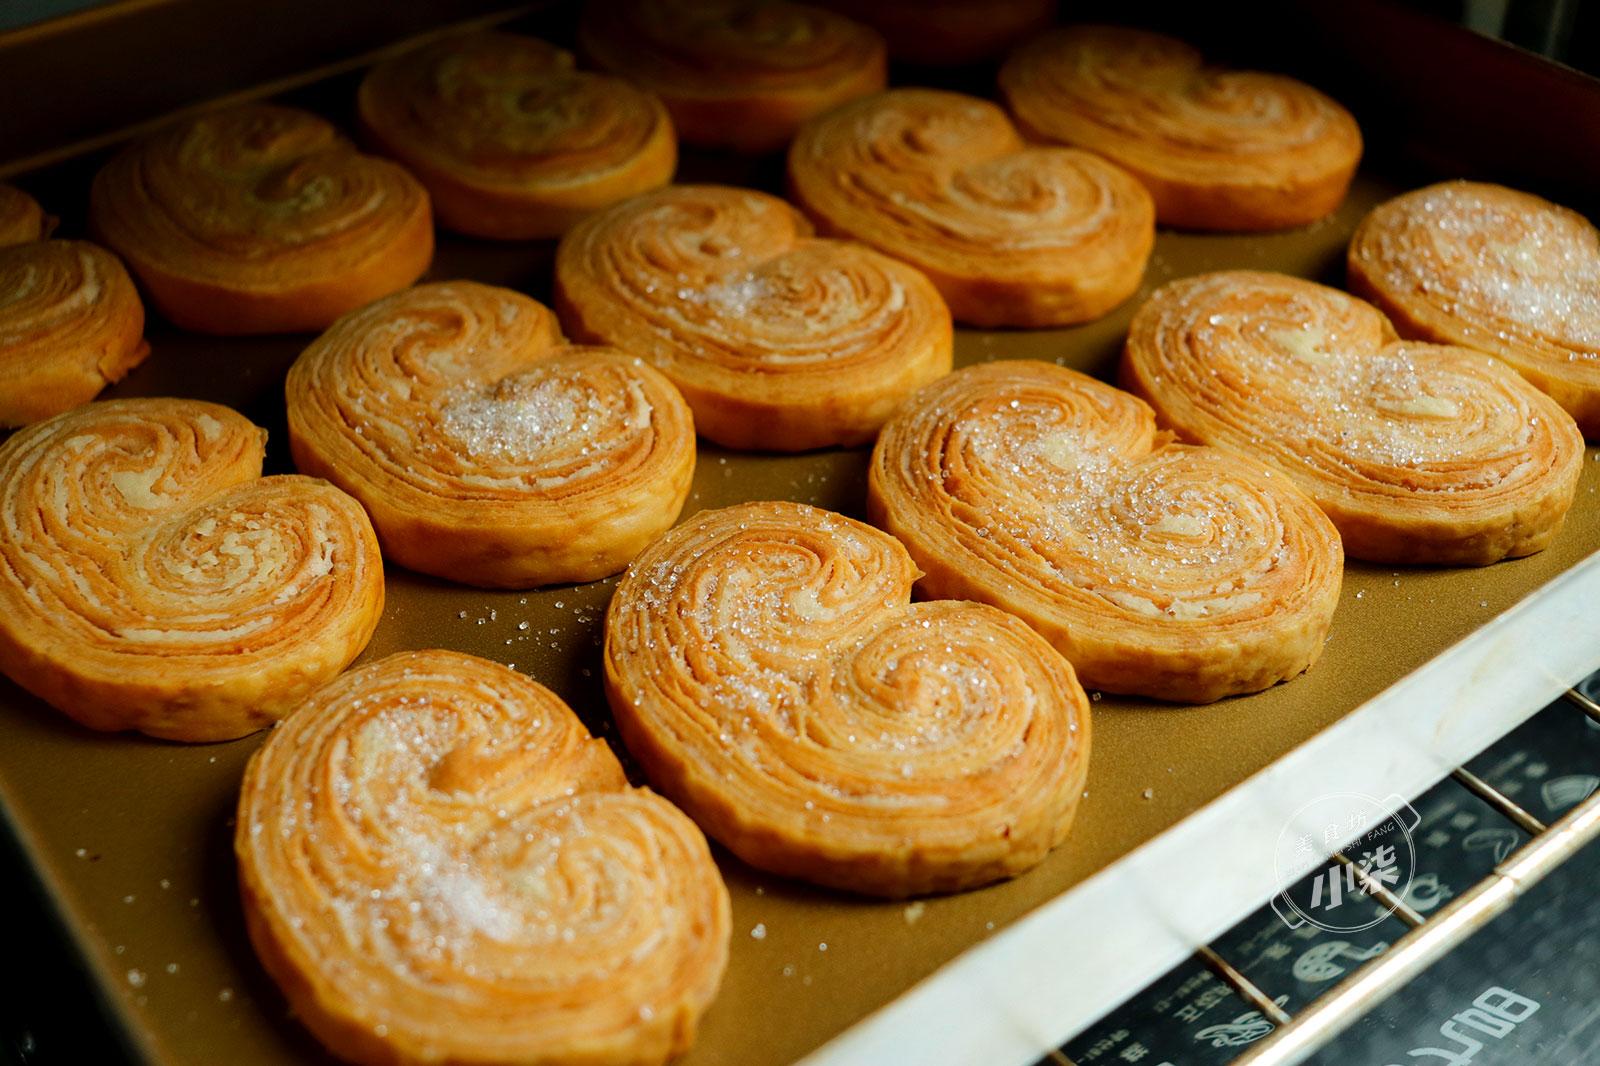 超简单的酥饼做法,不烙不炸一次成功,酥脆掉渣,是孩子们的最爱